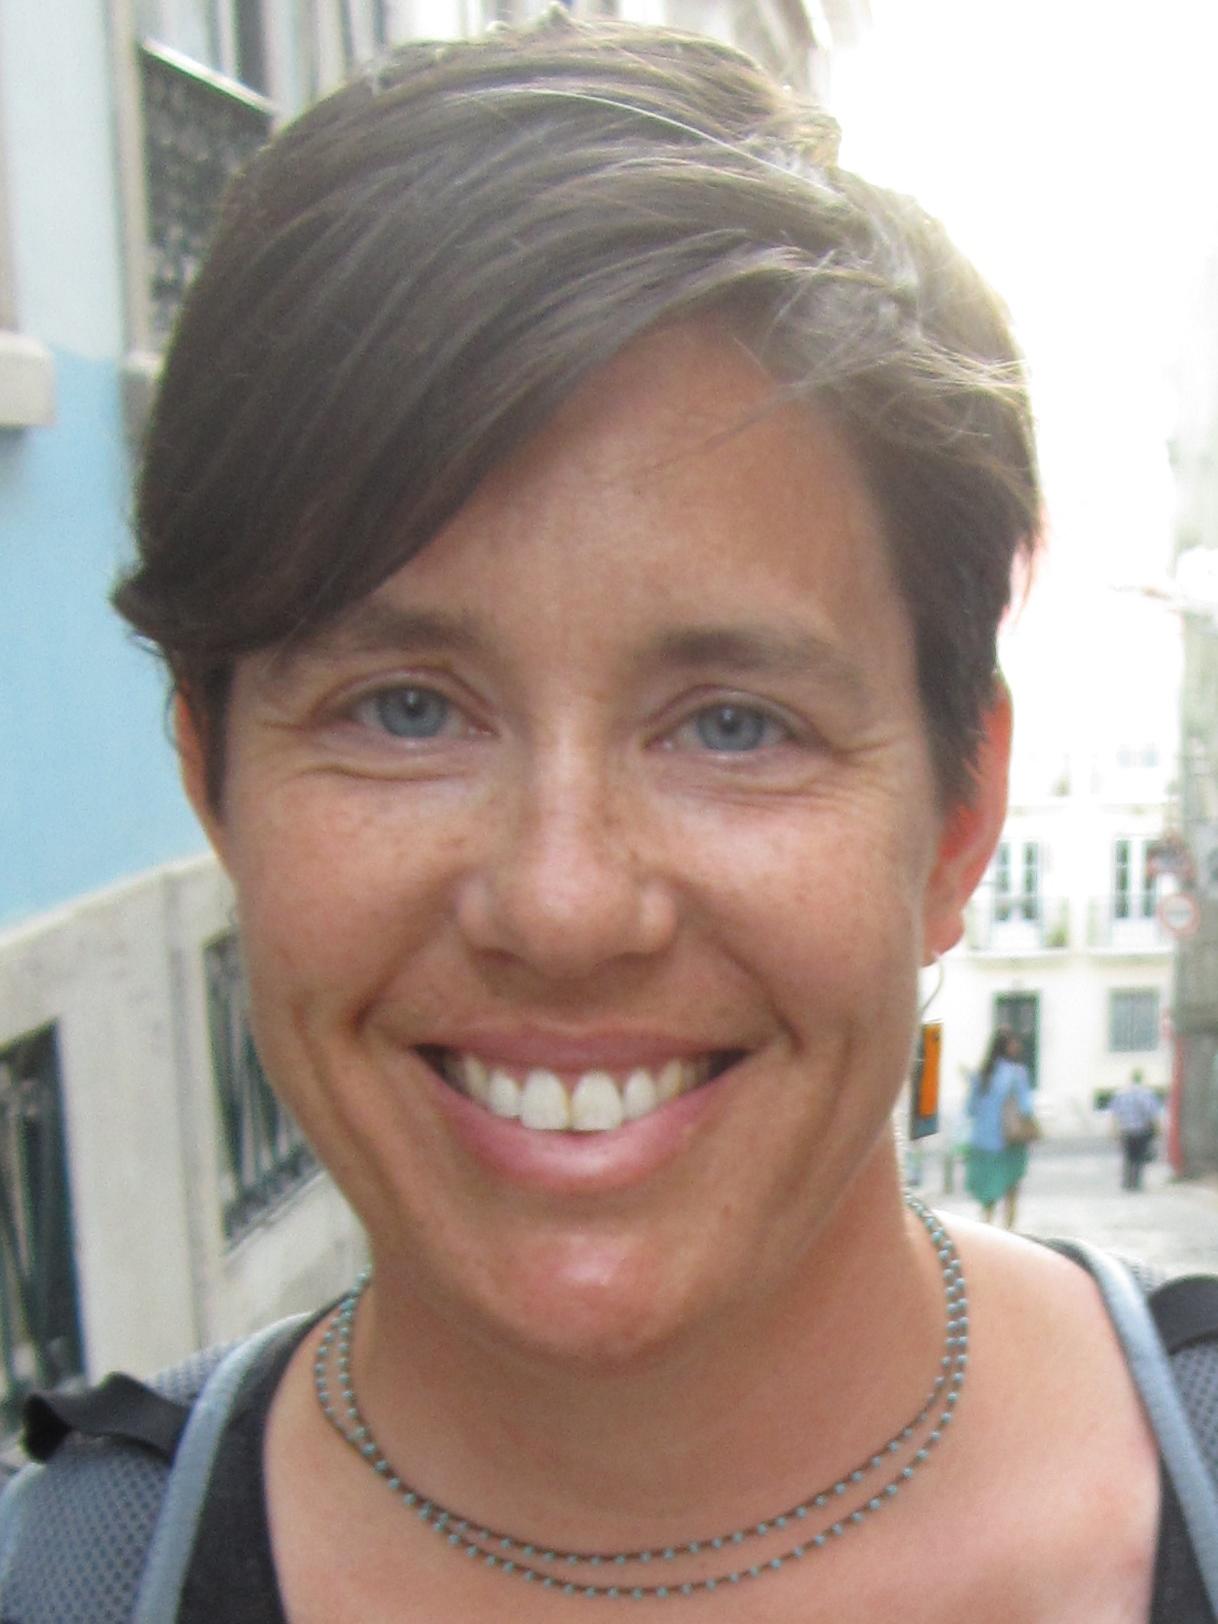 Tiffany Muller Myrdahl